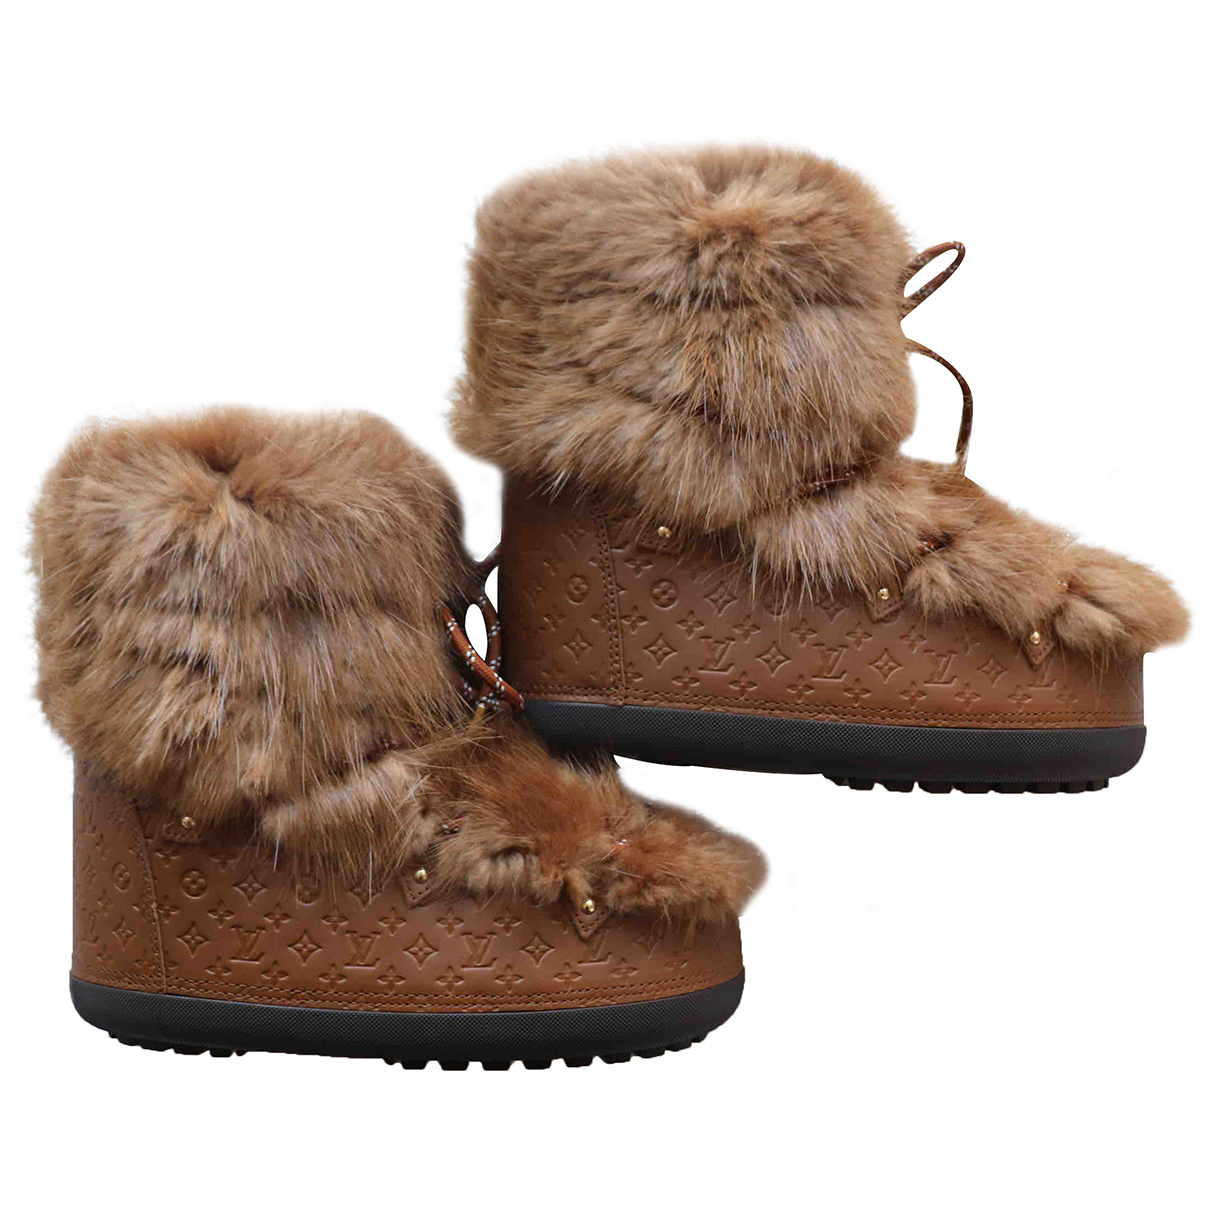 Louis Vuitton - Boots   pour femme en castor - camel